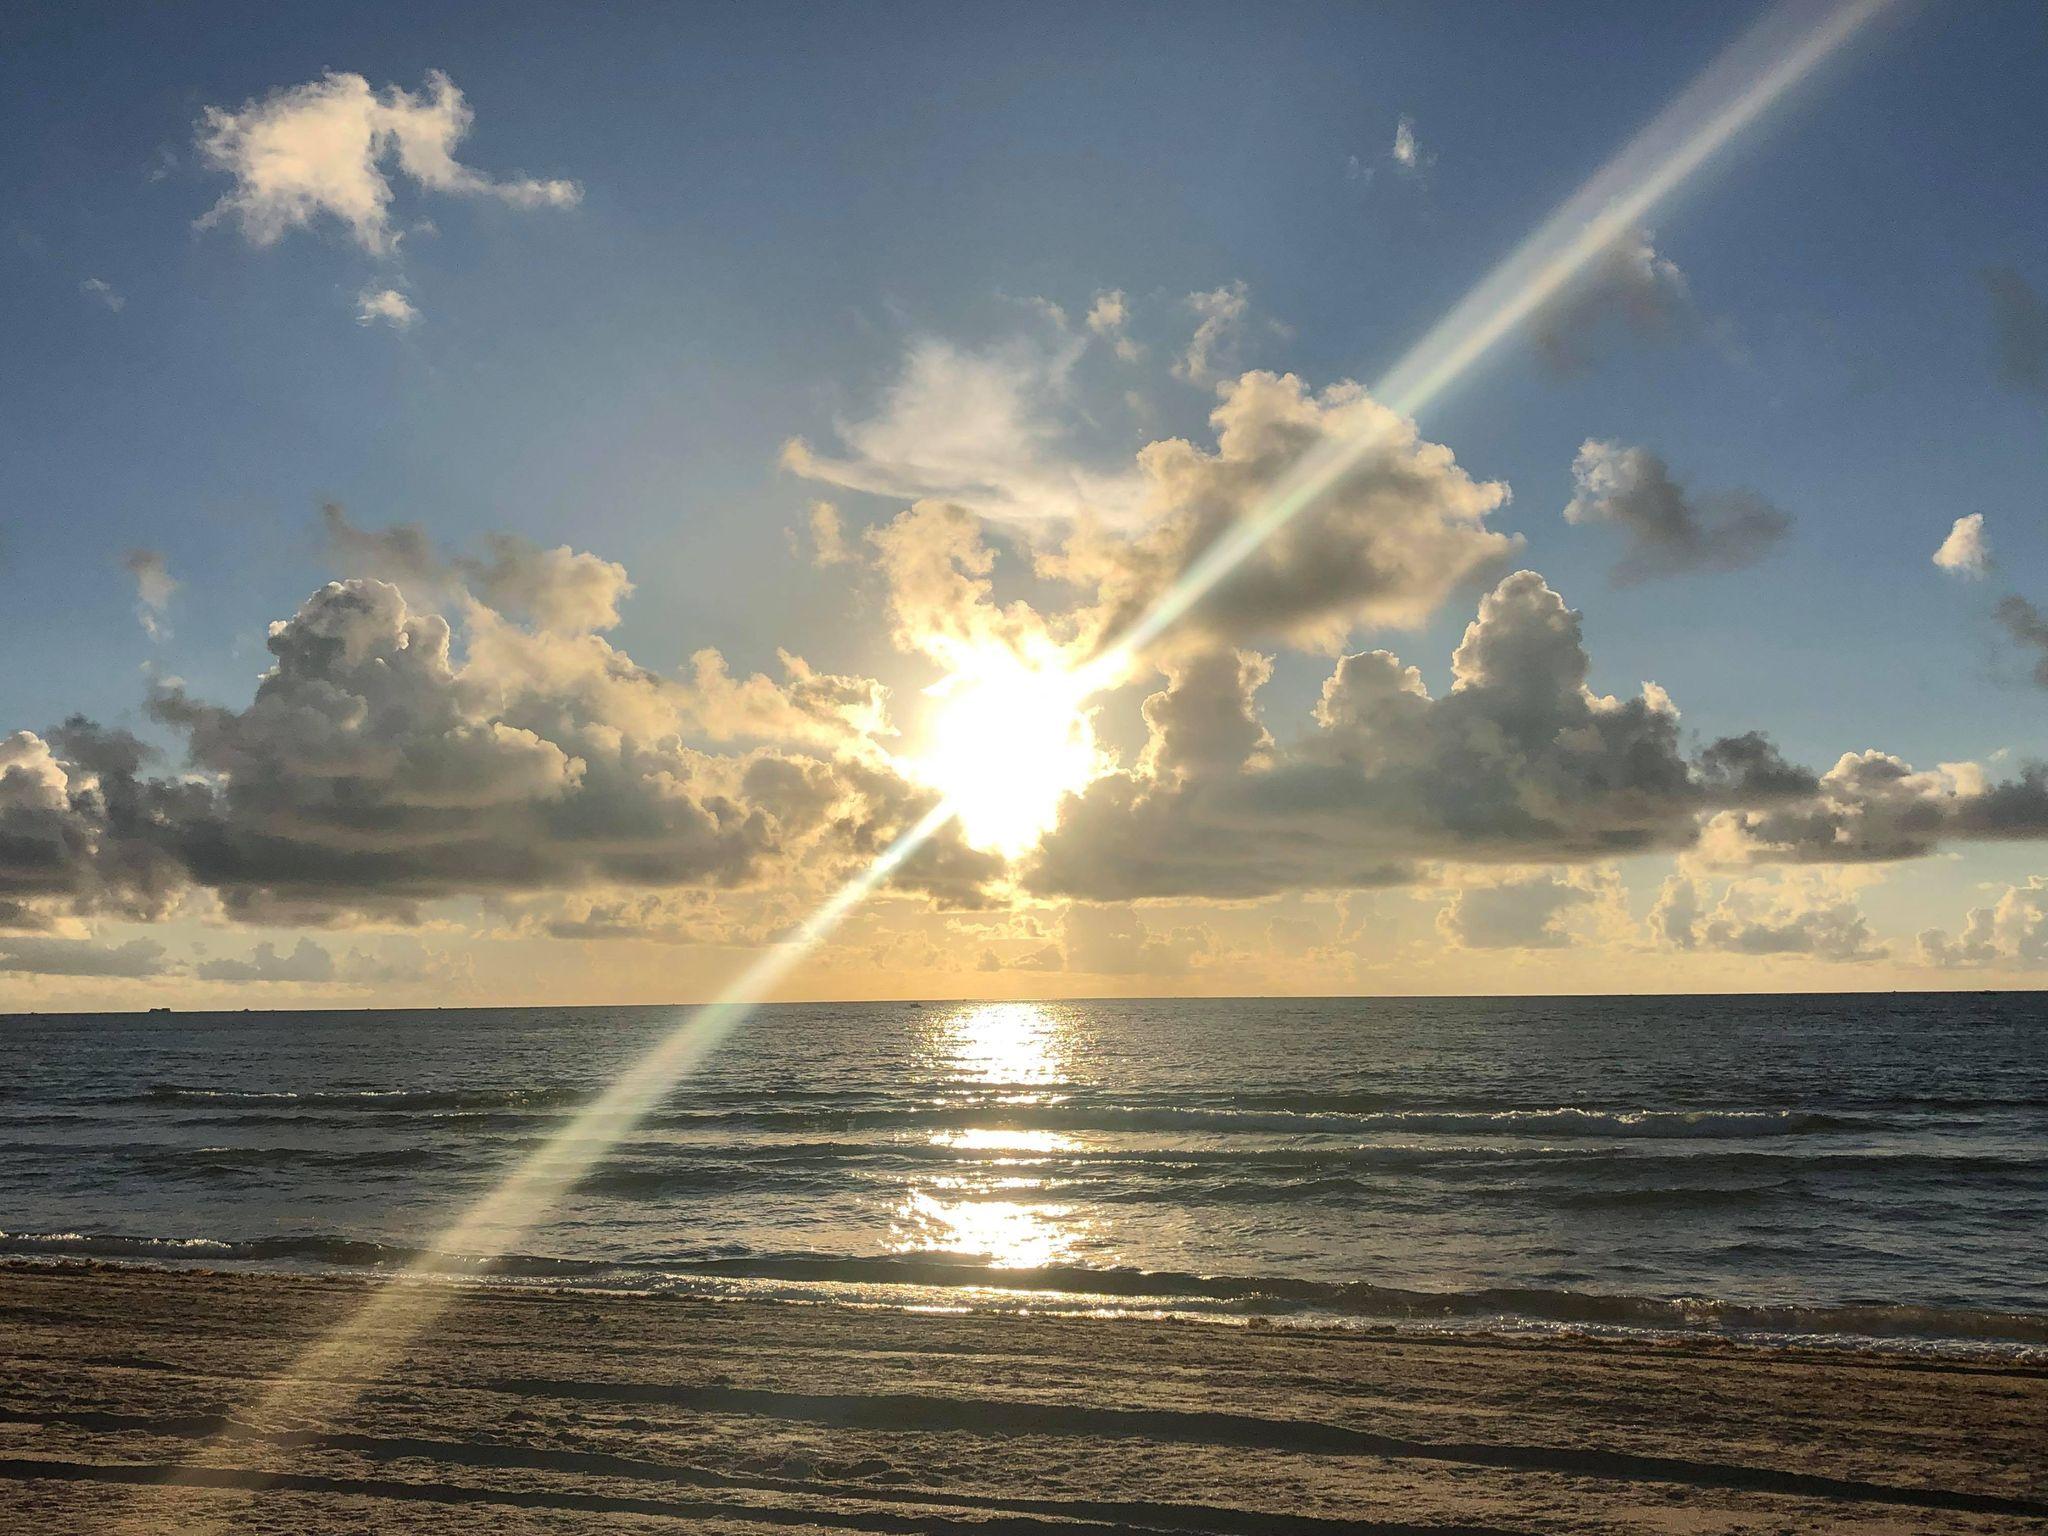 FLORIDE – 7 JUIN 2021 – FINI LES RAPPORTS QUOTIDIENS